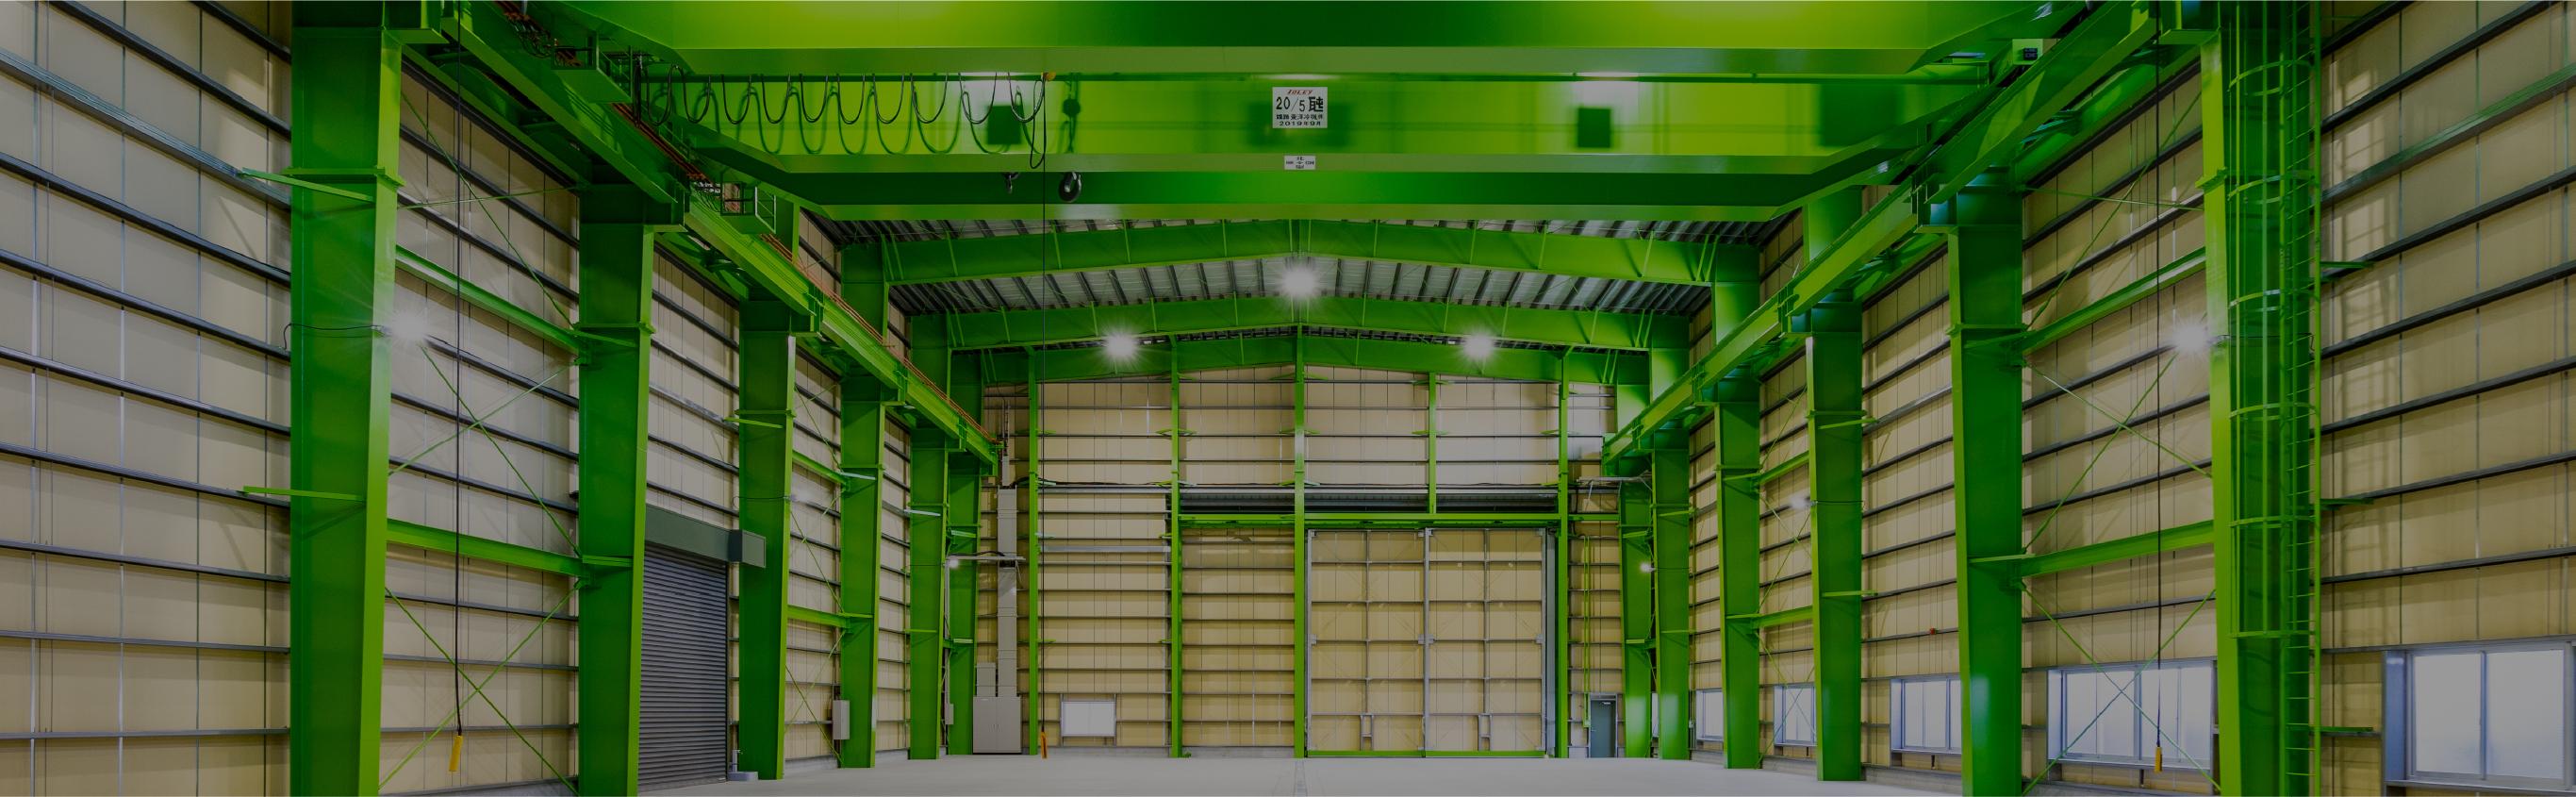 倉庫の内観